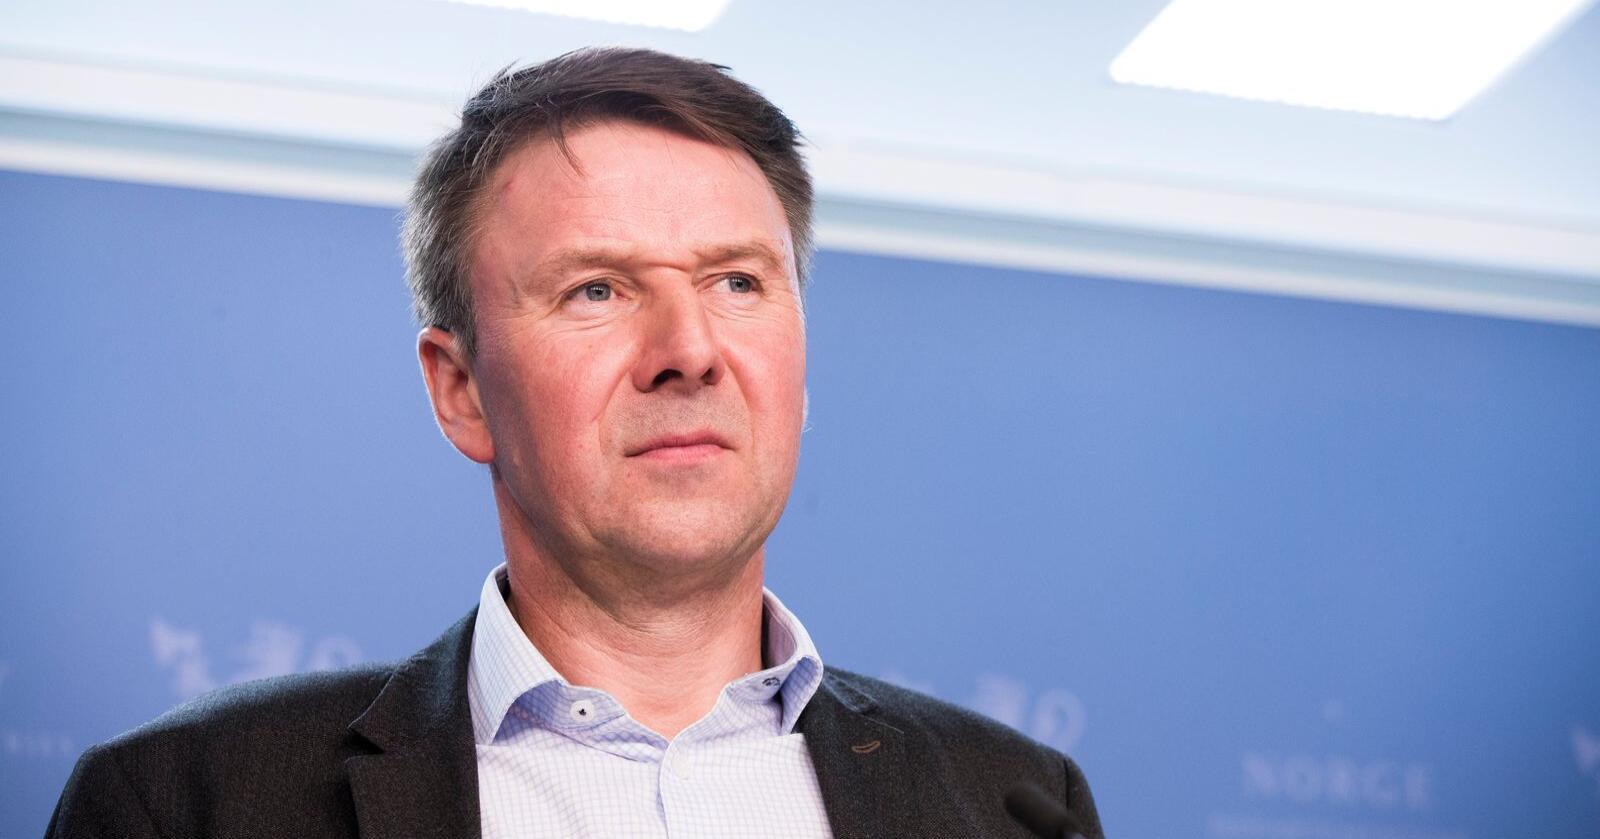 Leder i Norges Bondelag, Lars Petter Bartnes, mener man ikke må kutte i norsk kjøttproduksjon for å nå klimamålene. Foto: Terje Pedersen / NTB scanpix